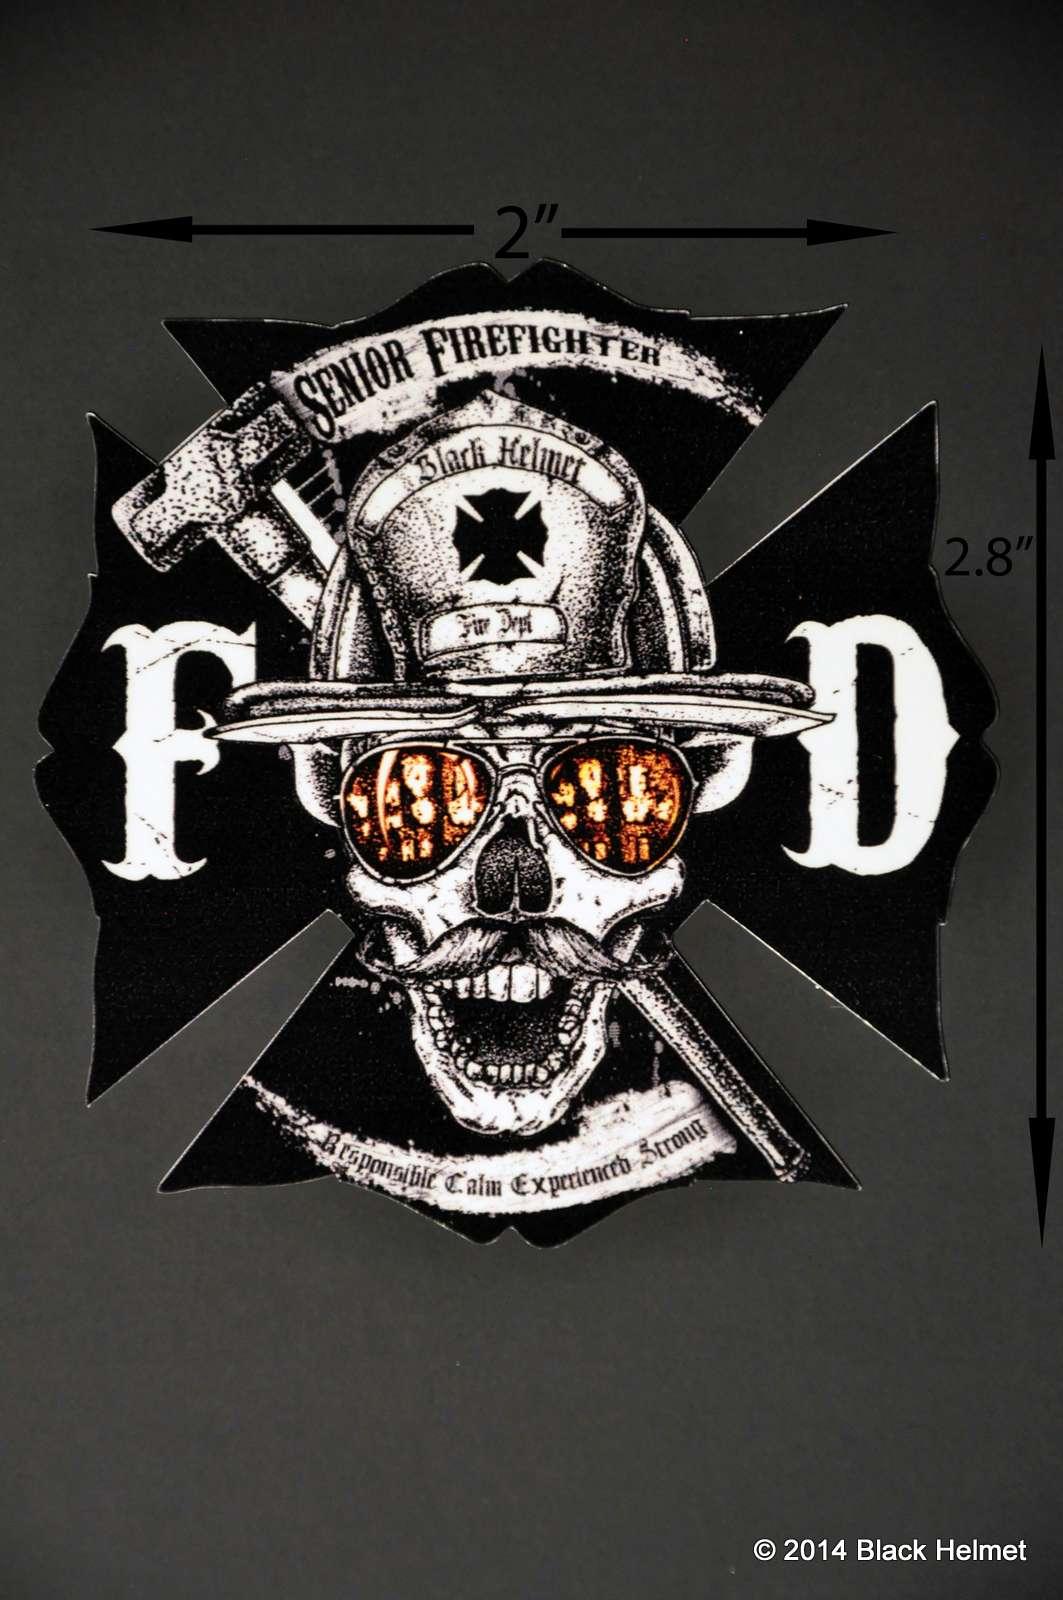 Senior Firefighter Helmet Decal Black Helmet Firefighter Shirts - Fire helmet decals